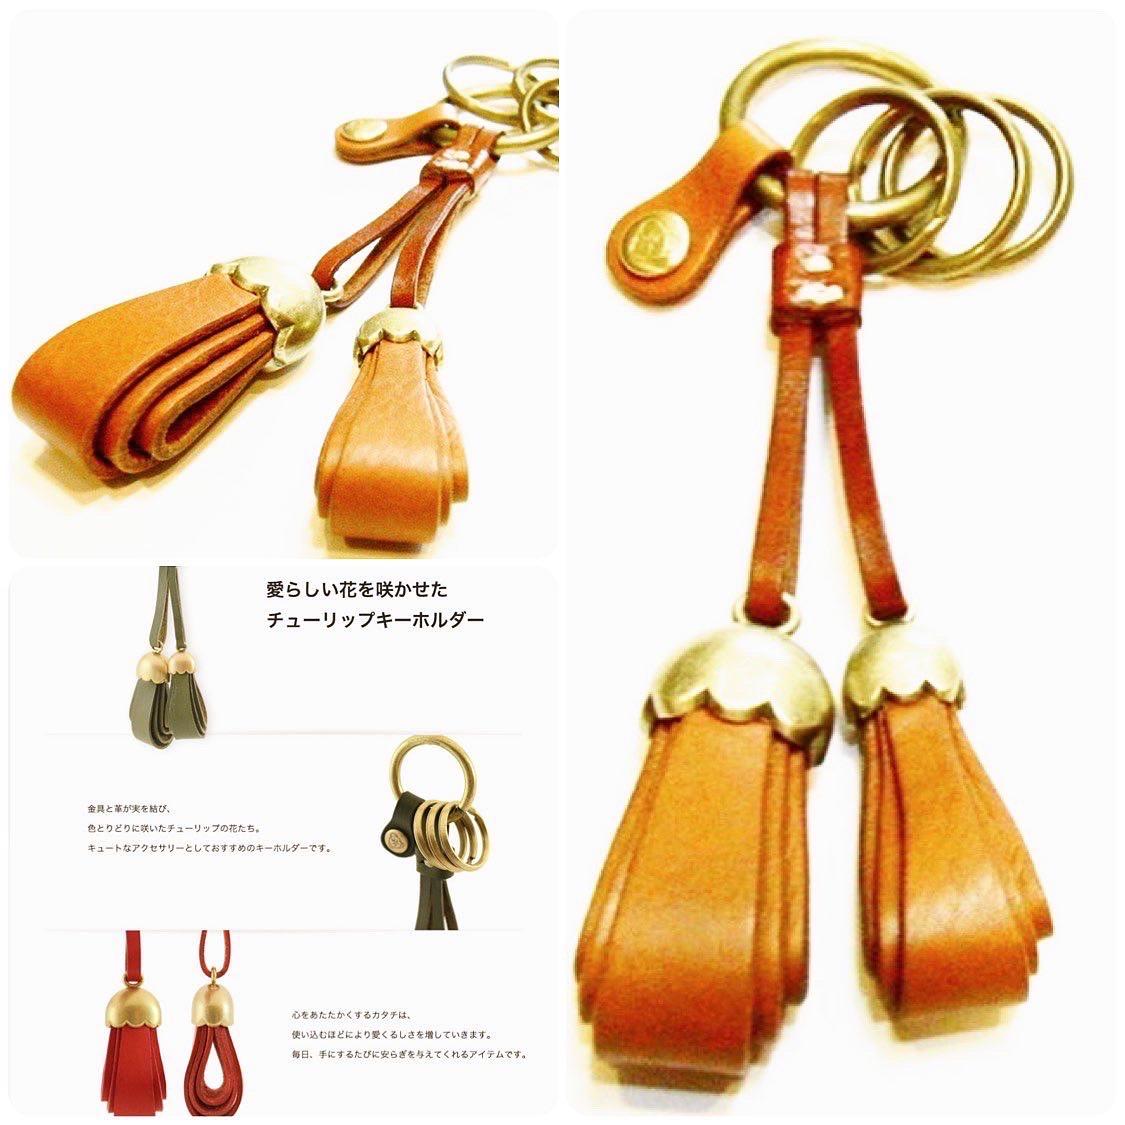 メタルハウスでは、お客様オリジナル金具を使用して、アクセサリーや靴べら、キーホルダーやベルトなどの革小物や金属小物まで全てをオーダーメイドで作ります。